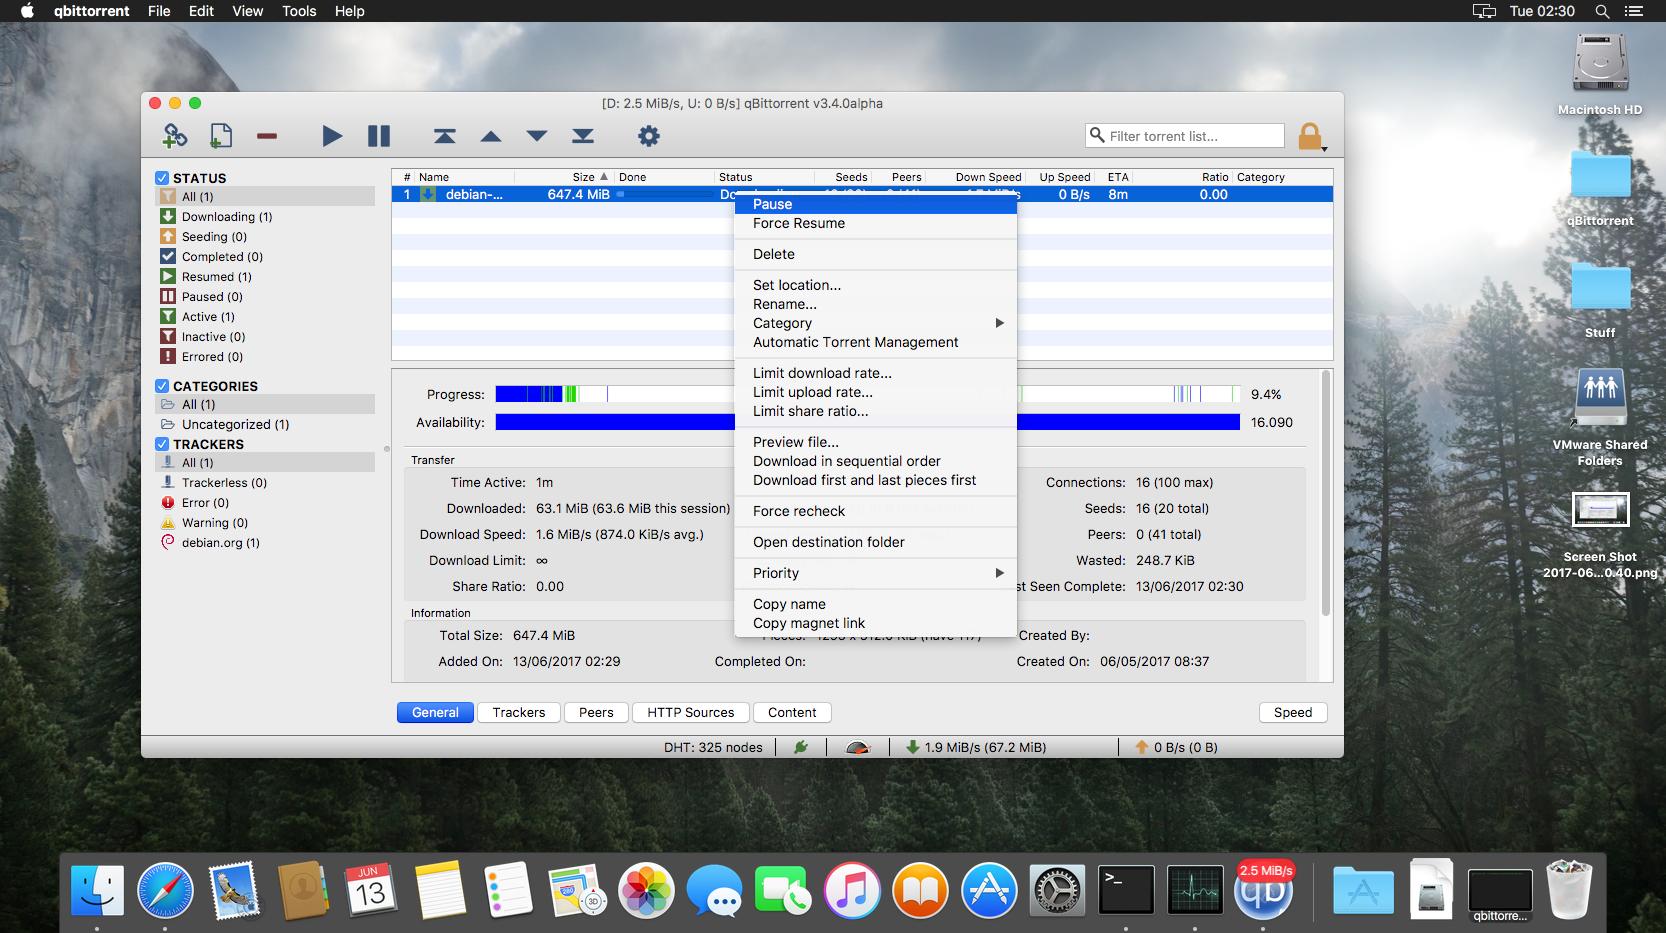 qBittorrent icons on macOS · Issue #6957 · qbittorrent/qBittorrent